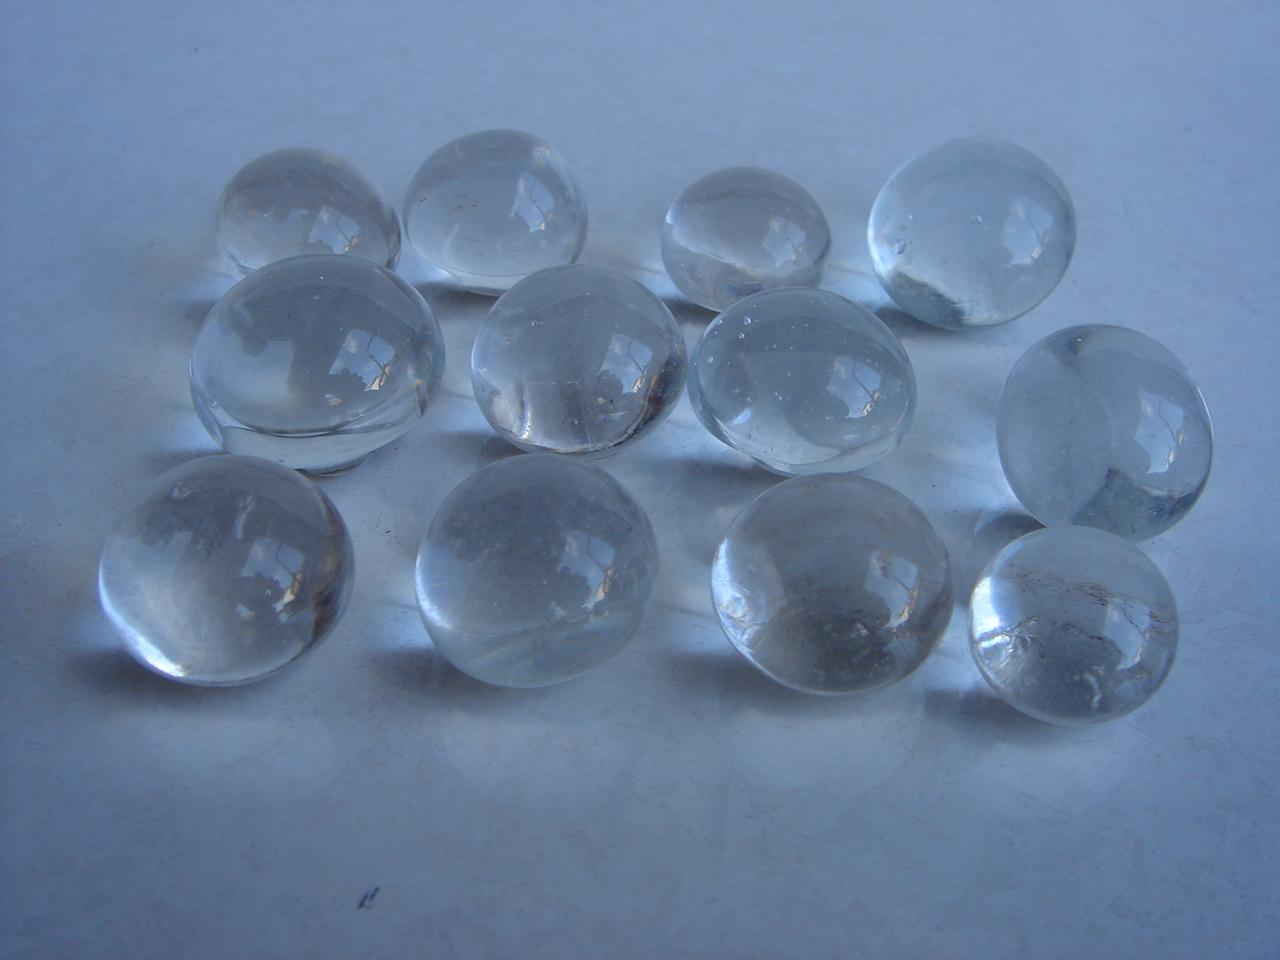 処分品 ガーデニング用 楕円形の綺麗なガラス玉 幅2~2.5cm 40個セット 安売り 絶品